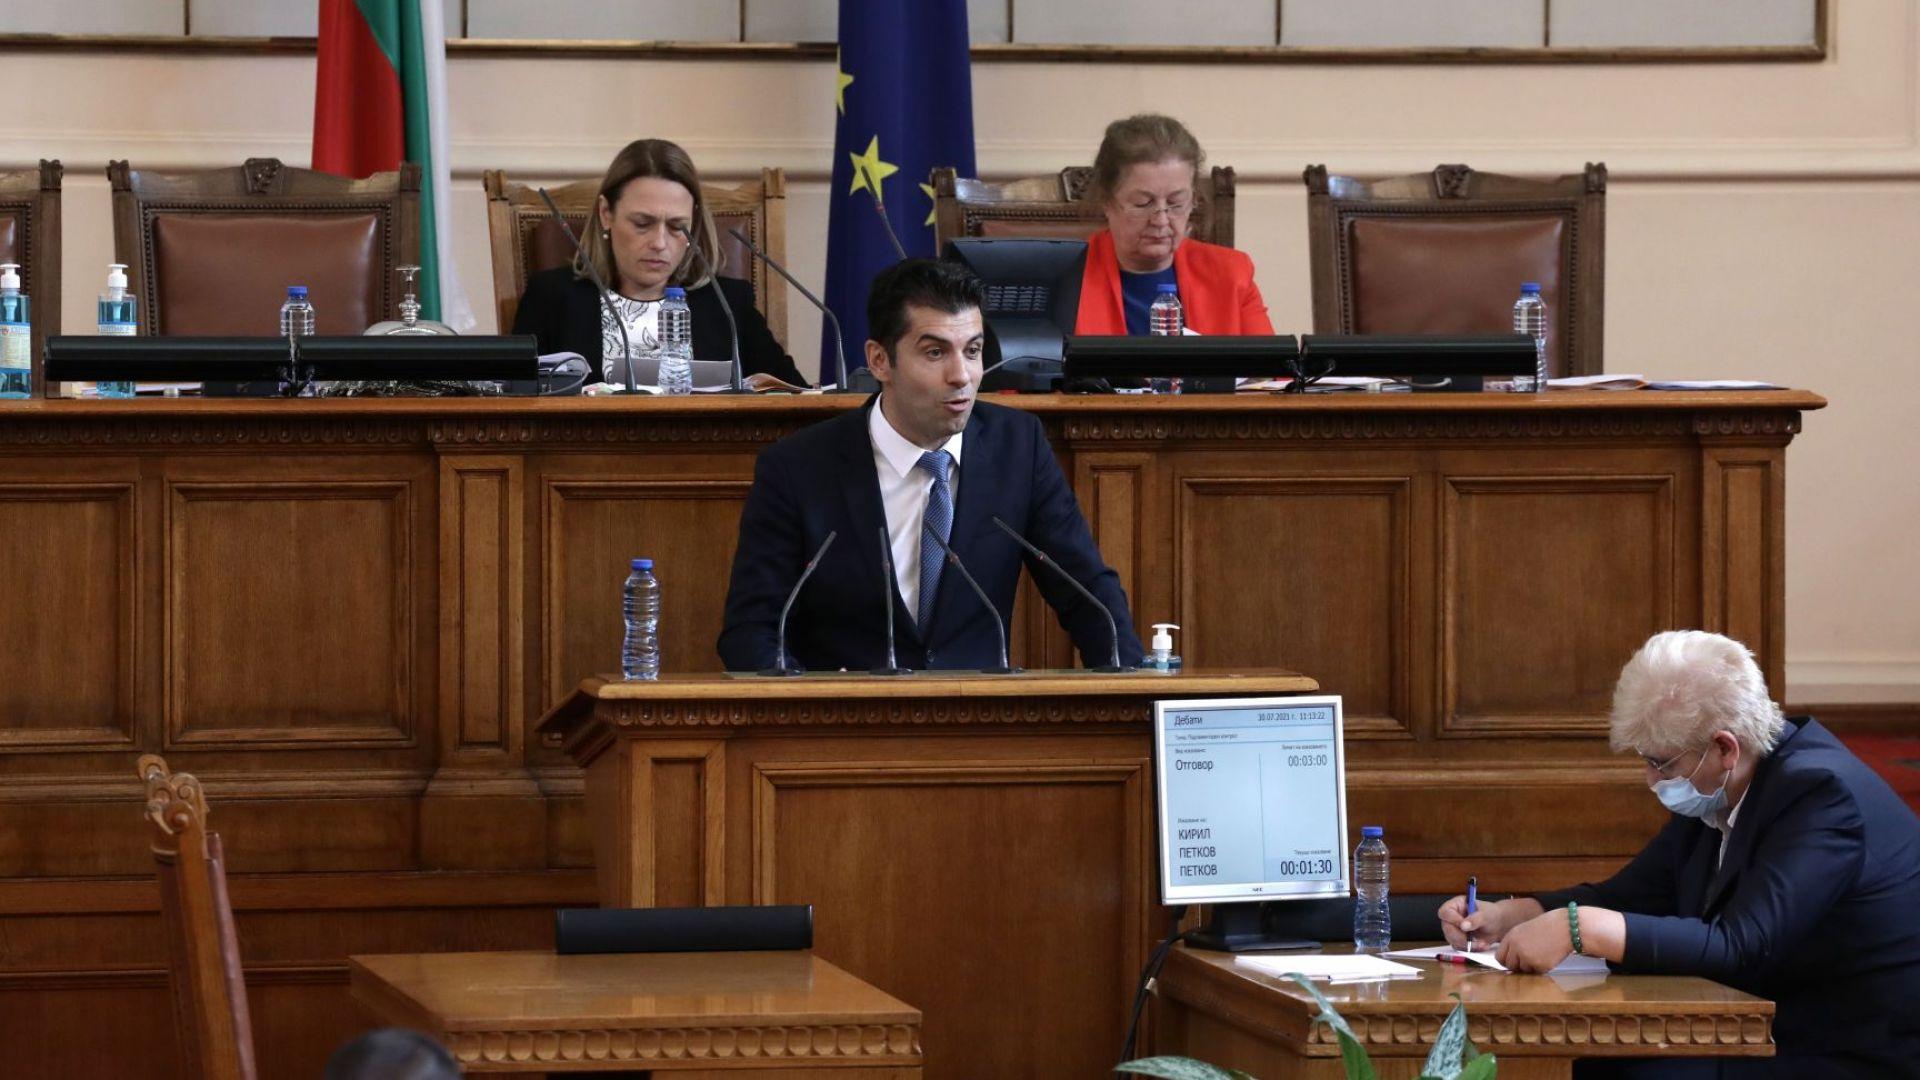 Кирил Петков обясни защо адвокатска кантора е обслужвала ББР за 8000 евро на месец